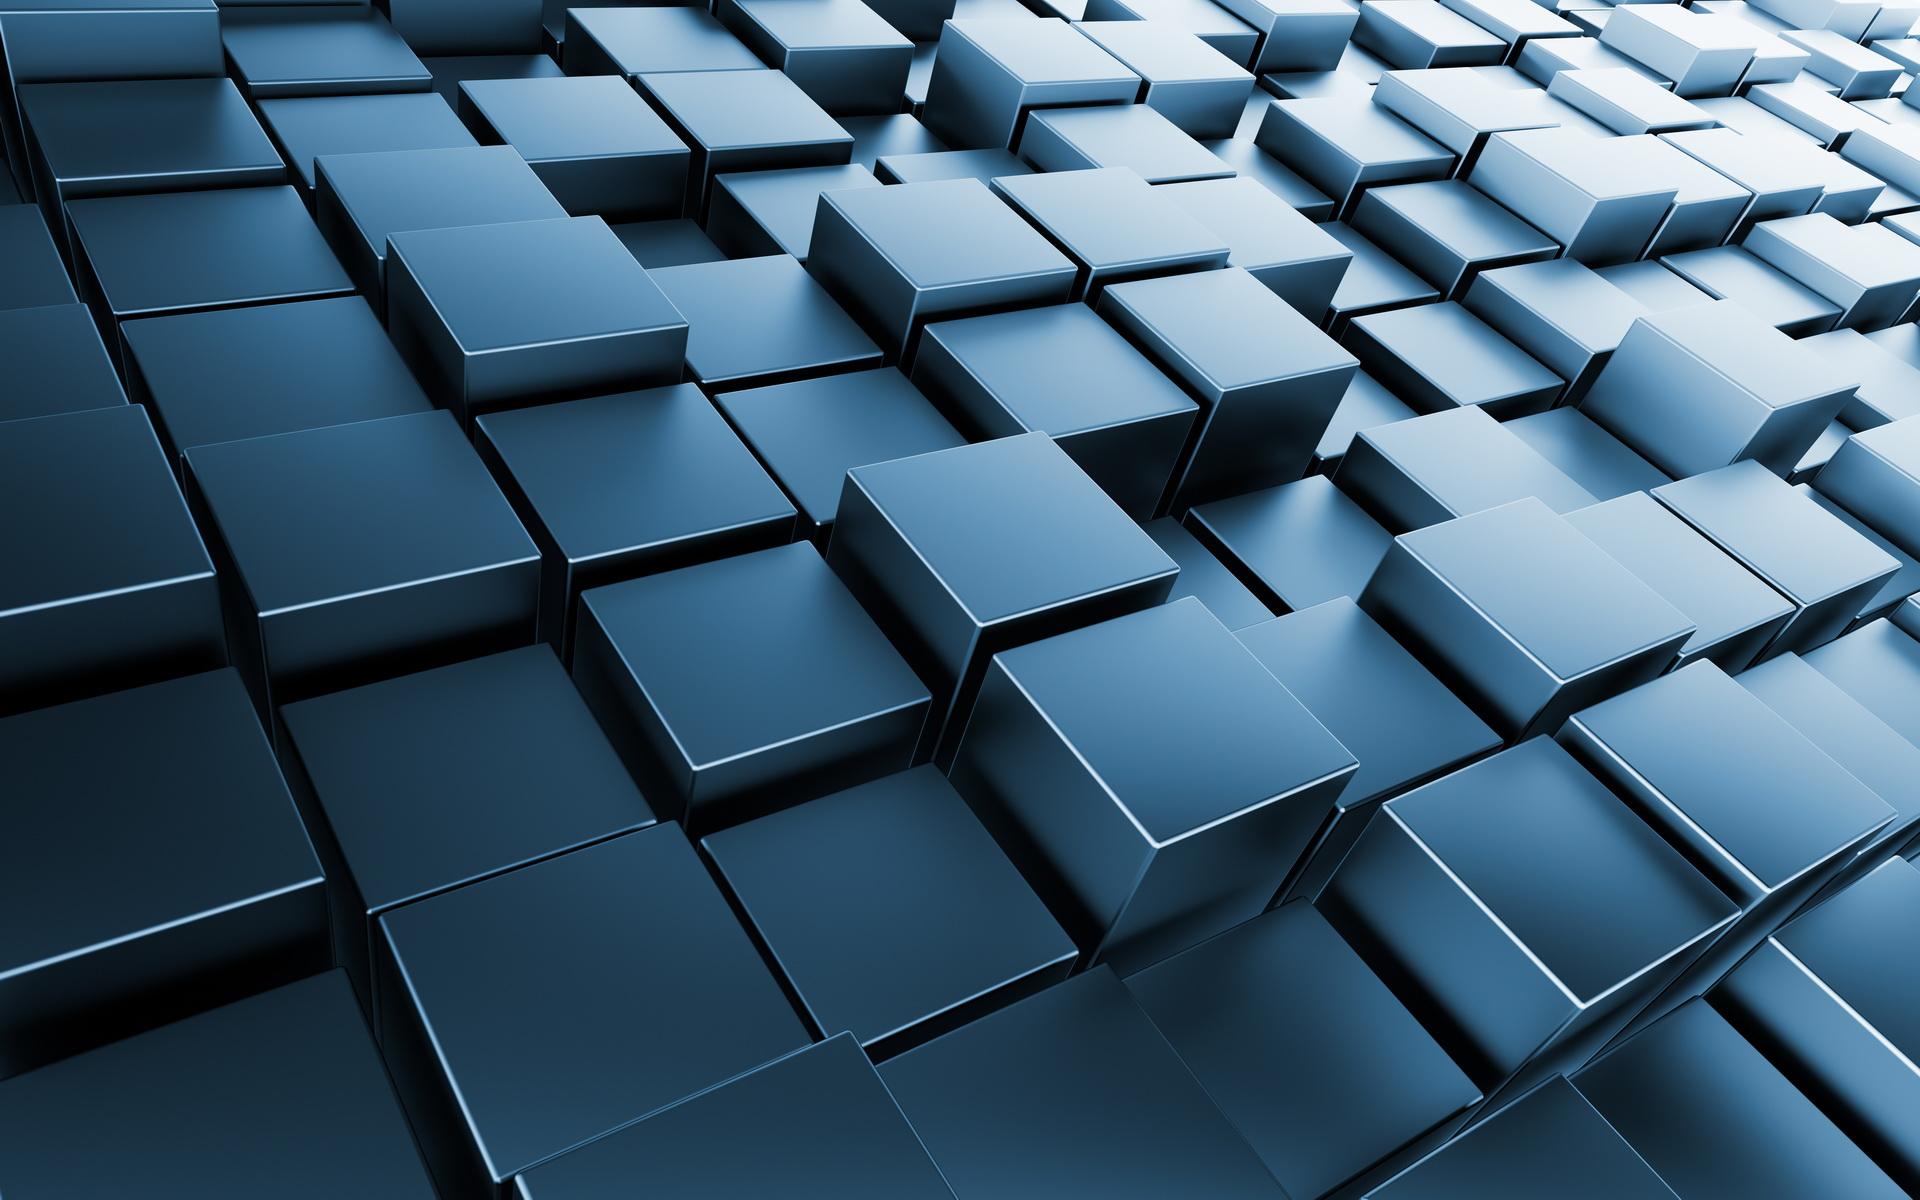 wallpaper 1920x1080 cube square - photo #15